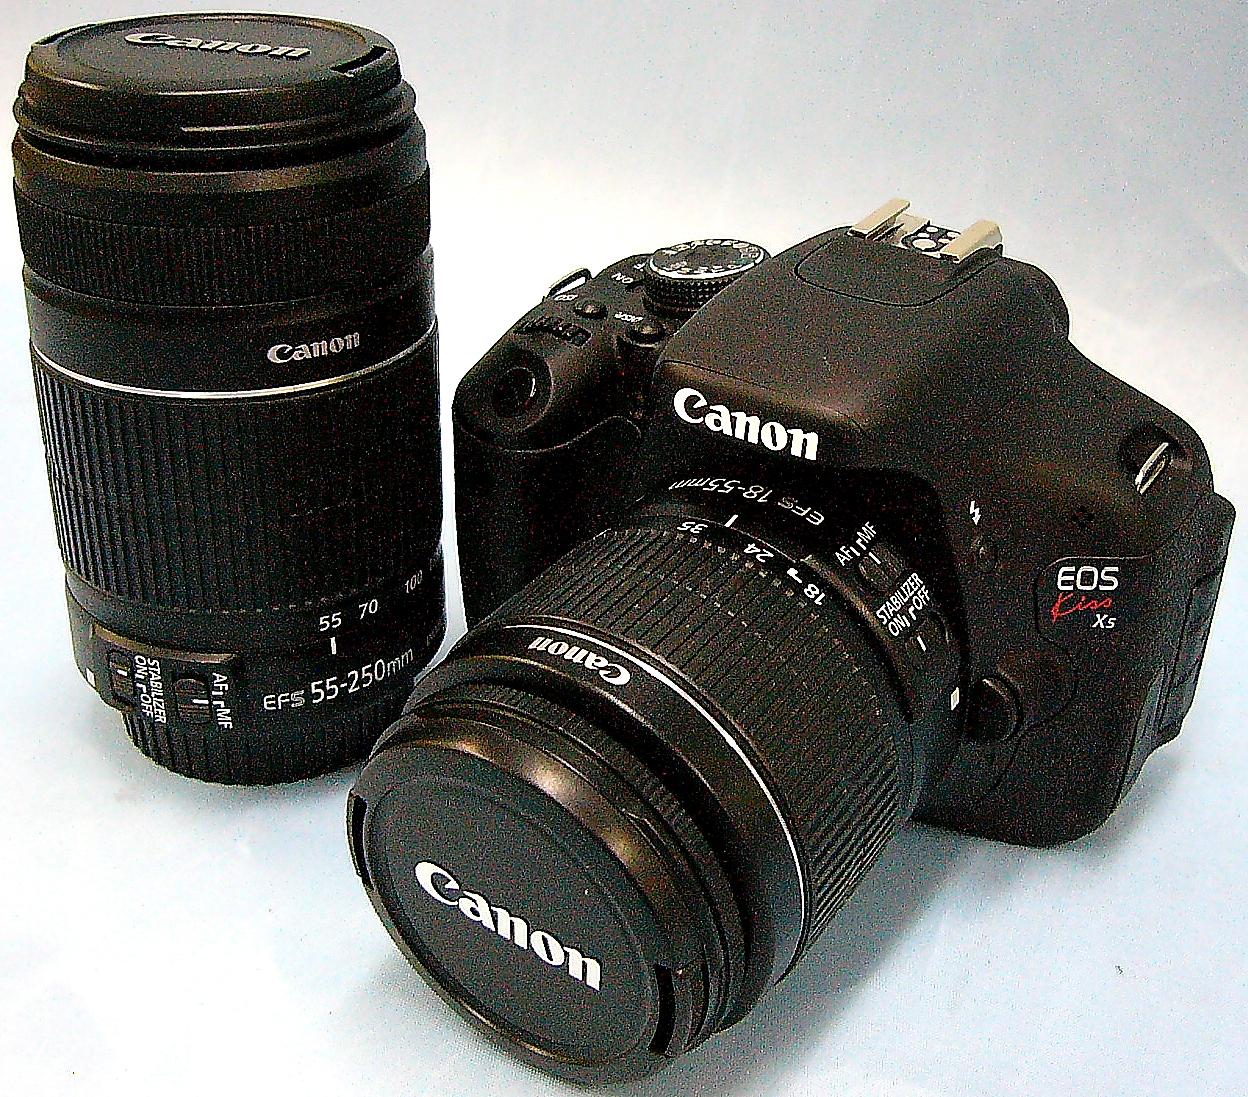 Canon デジタル一眼カメラ EOS Kiss X5 ダブルズームセット